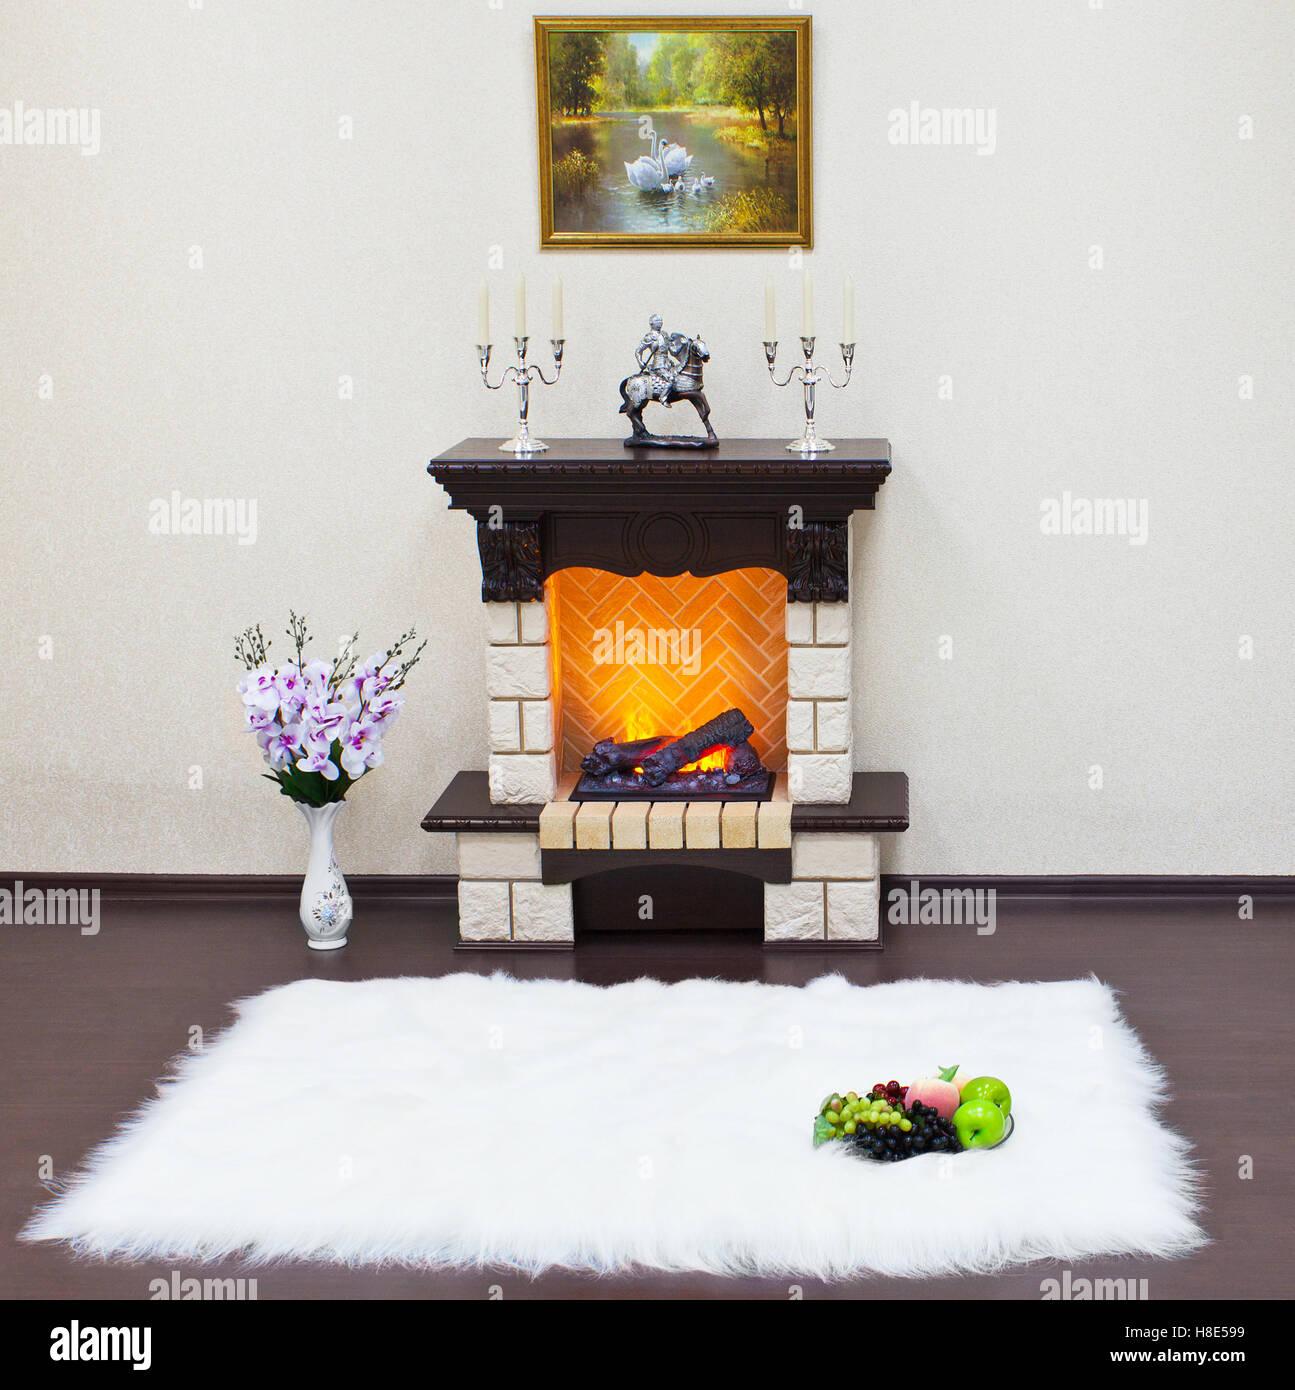 Wohnzimmer Mit Kamin Und Weißes Fell Teppich Innenraum. Das Feuer Im Kamin.  Stockbild